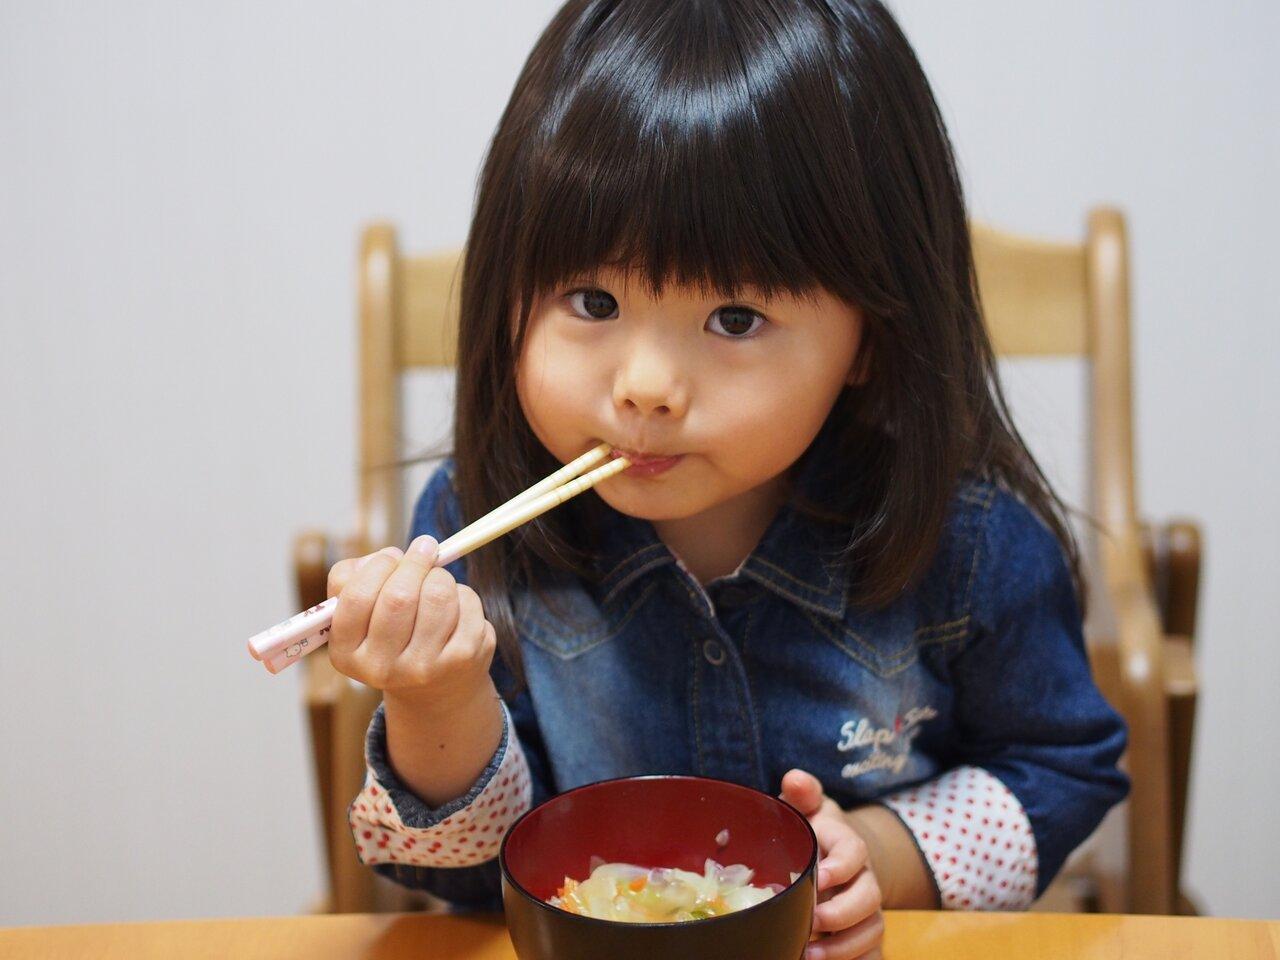 現役の発達相談員が「幼児に偏食はない」と語る理由